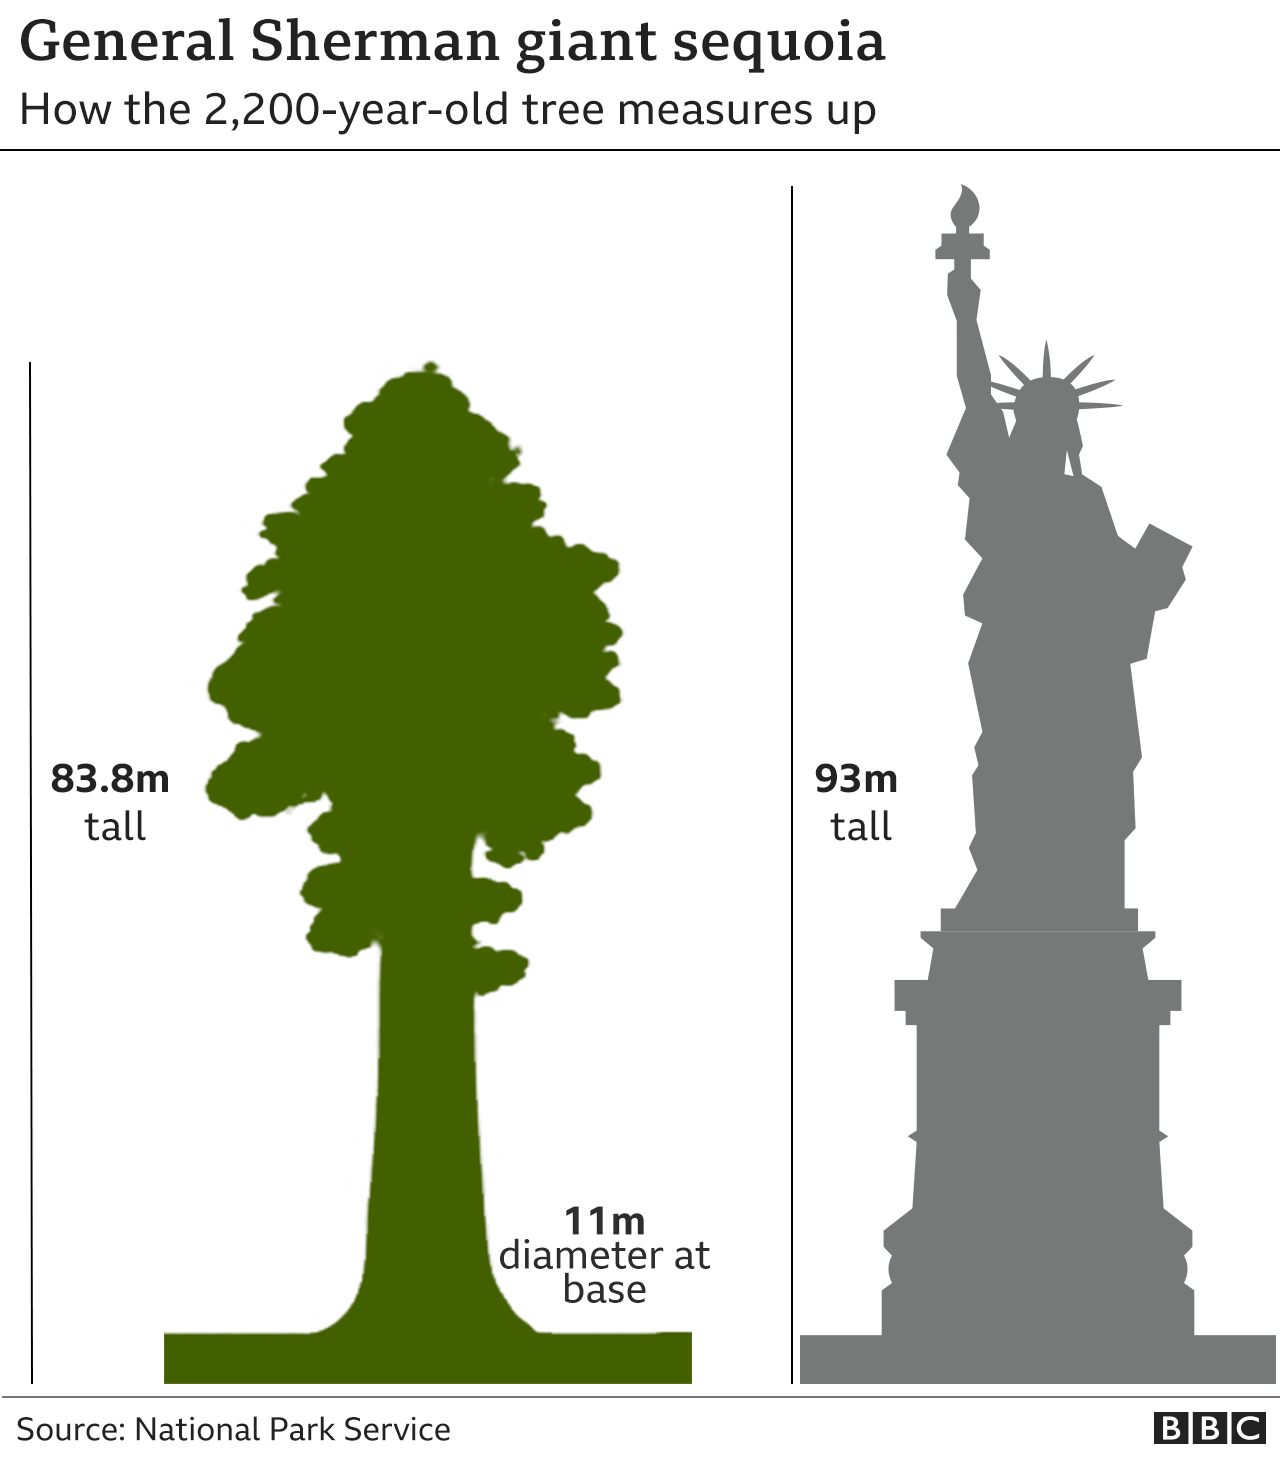 آتش نشانان و کارکنان پارک ملی سکویا در آمریکا تنه بزرگ ترین درخت جهان را با ورقه های آلومینیومی مقاوم در برابر شعله های آتش می پوشانند